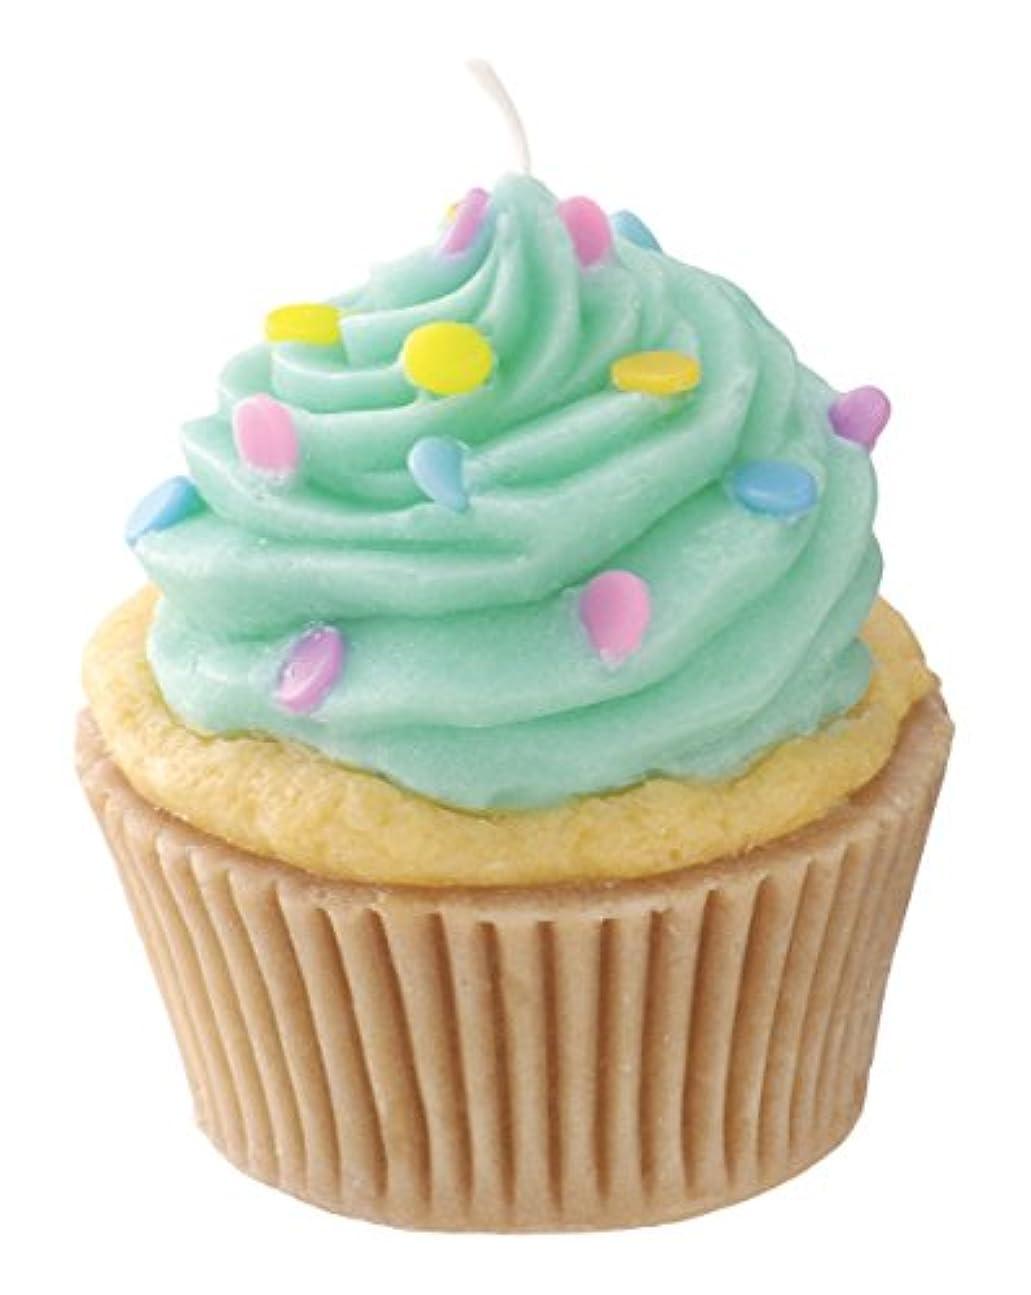 腐食する感謝する同行カメヤマキャンドルハウス 本物そっくり! アメリカンカップケーキキャンドル ミントクリーム バニラの香り